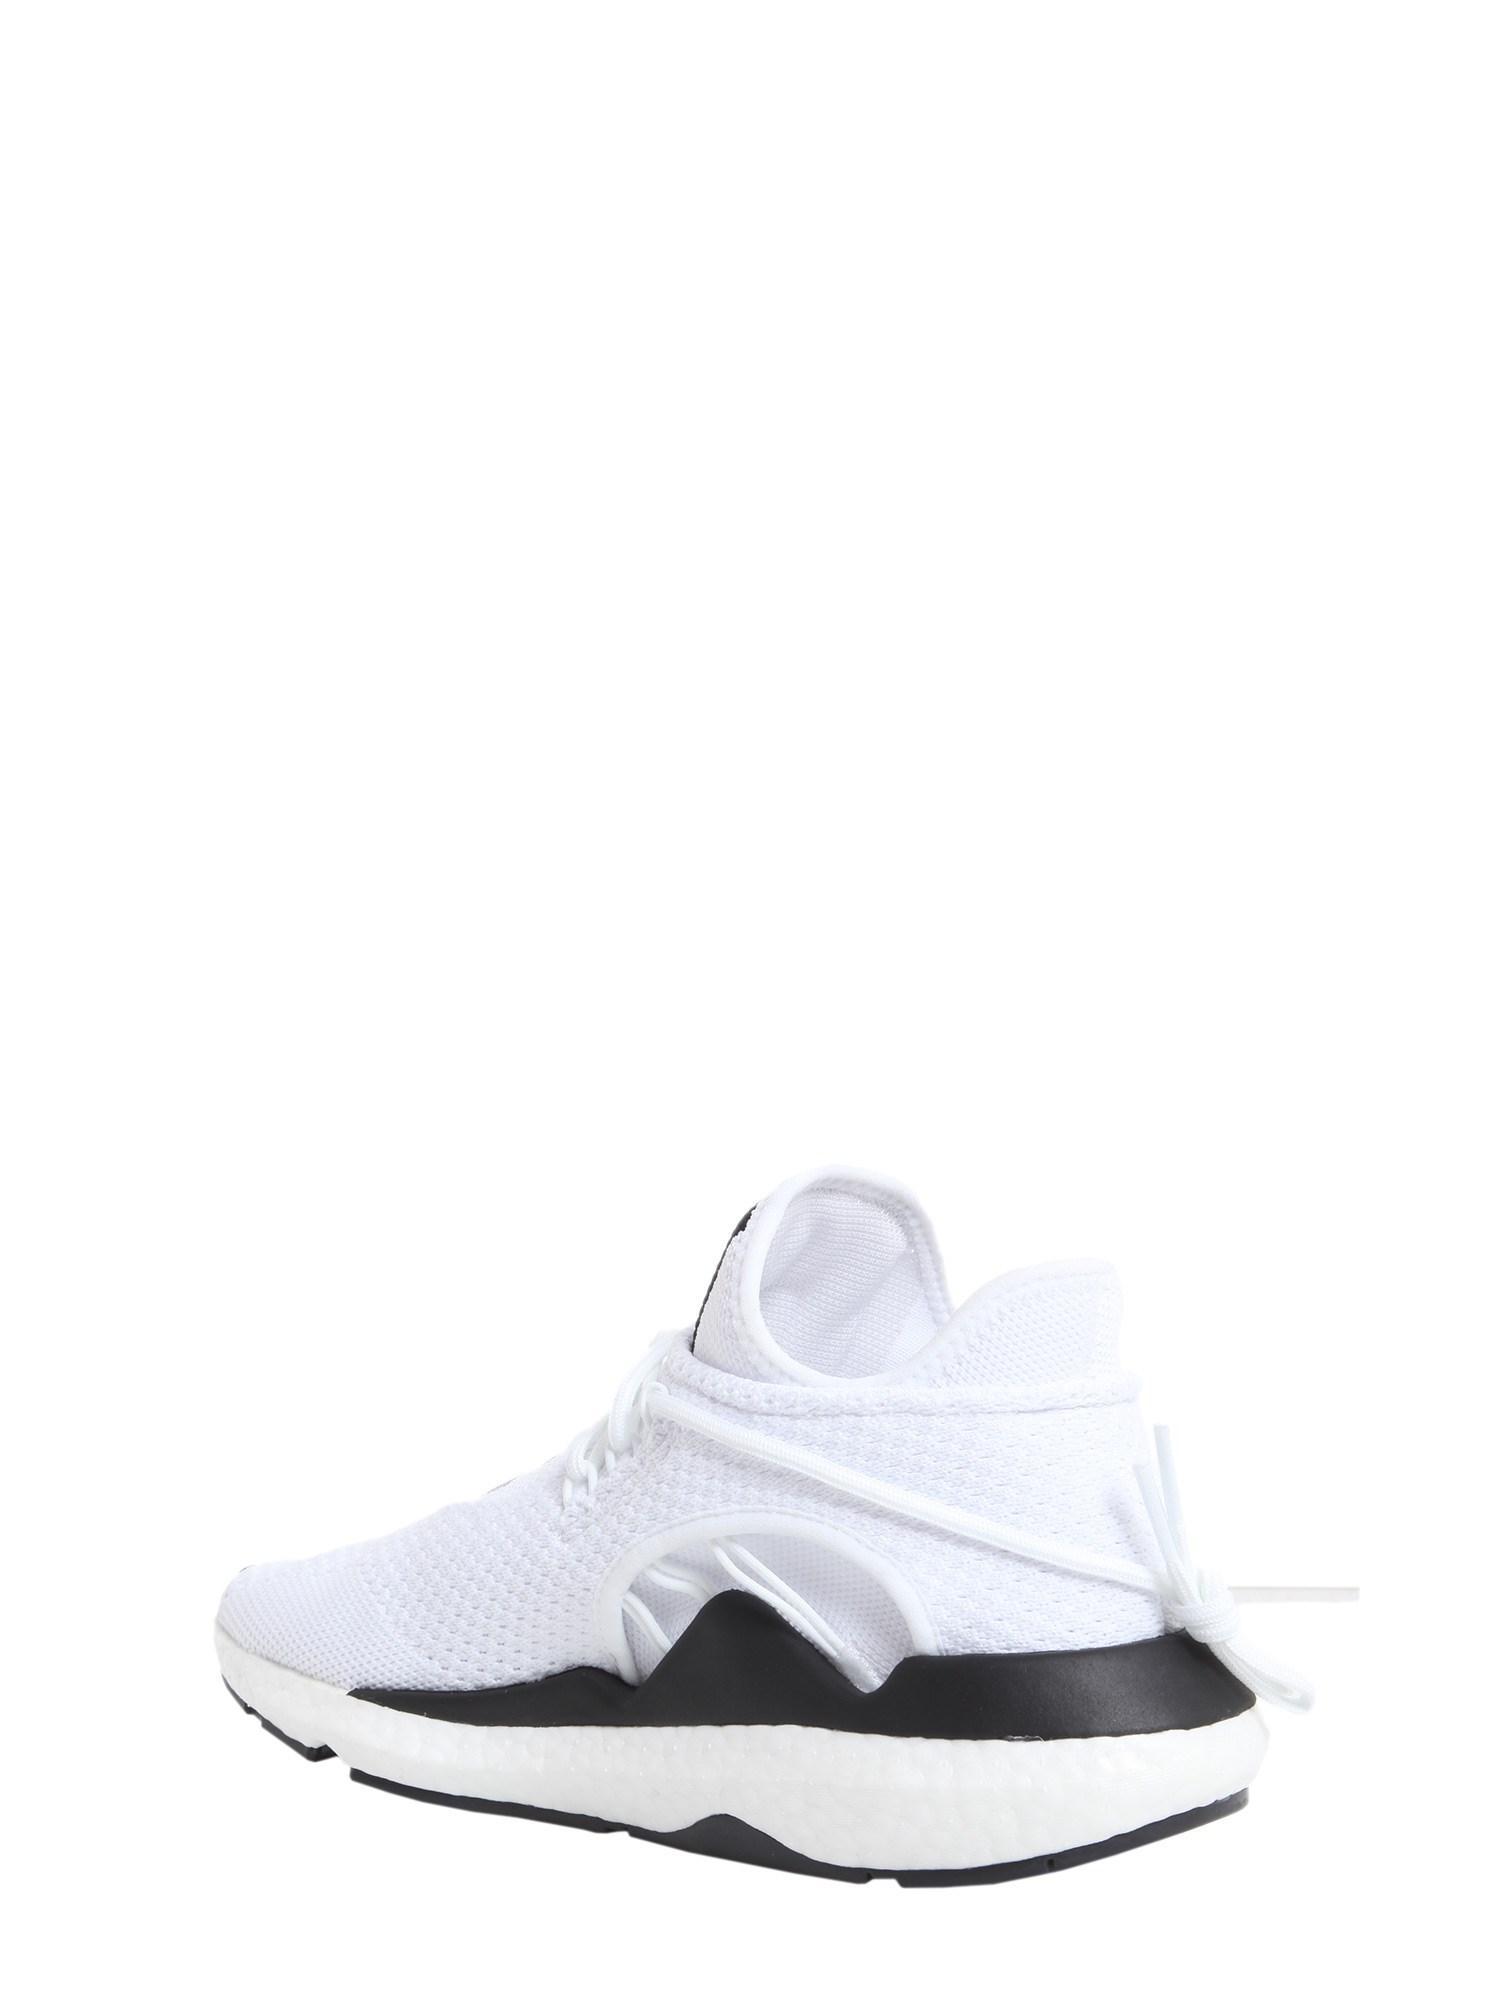 0441aca2e Y-3 Sneaker Saikou Con Suola Pure Boost in White for Men - Lyst